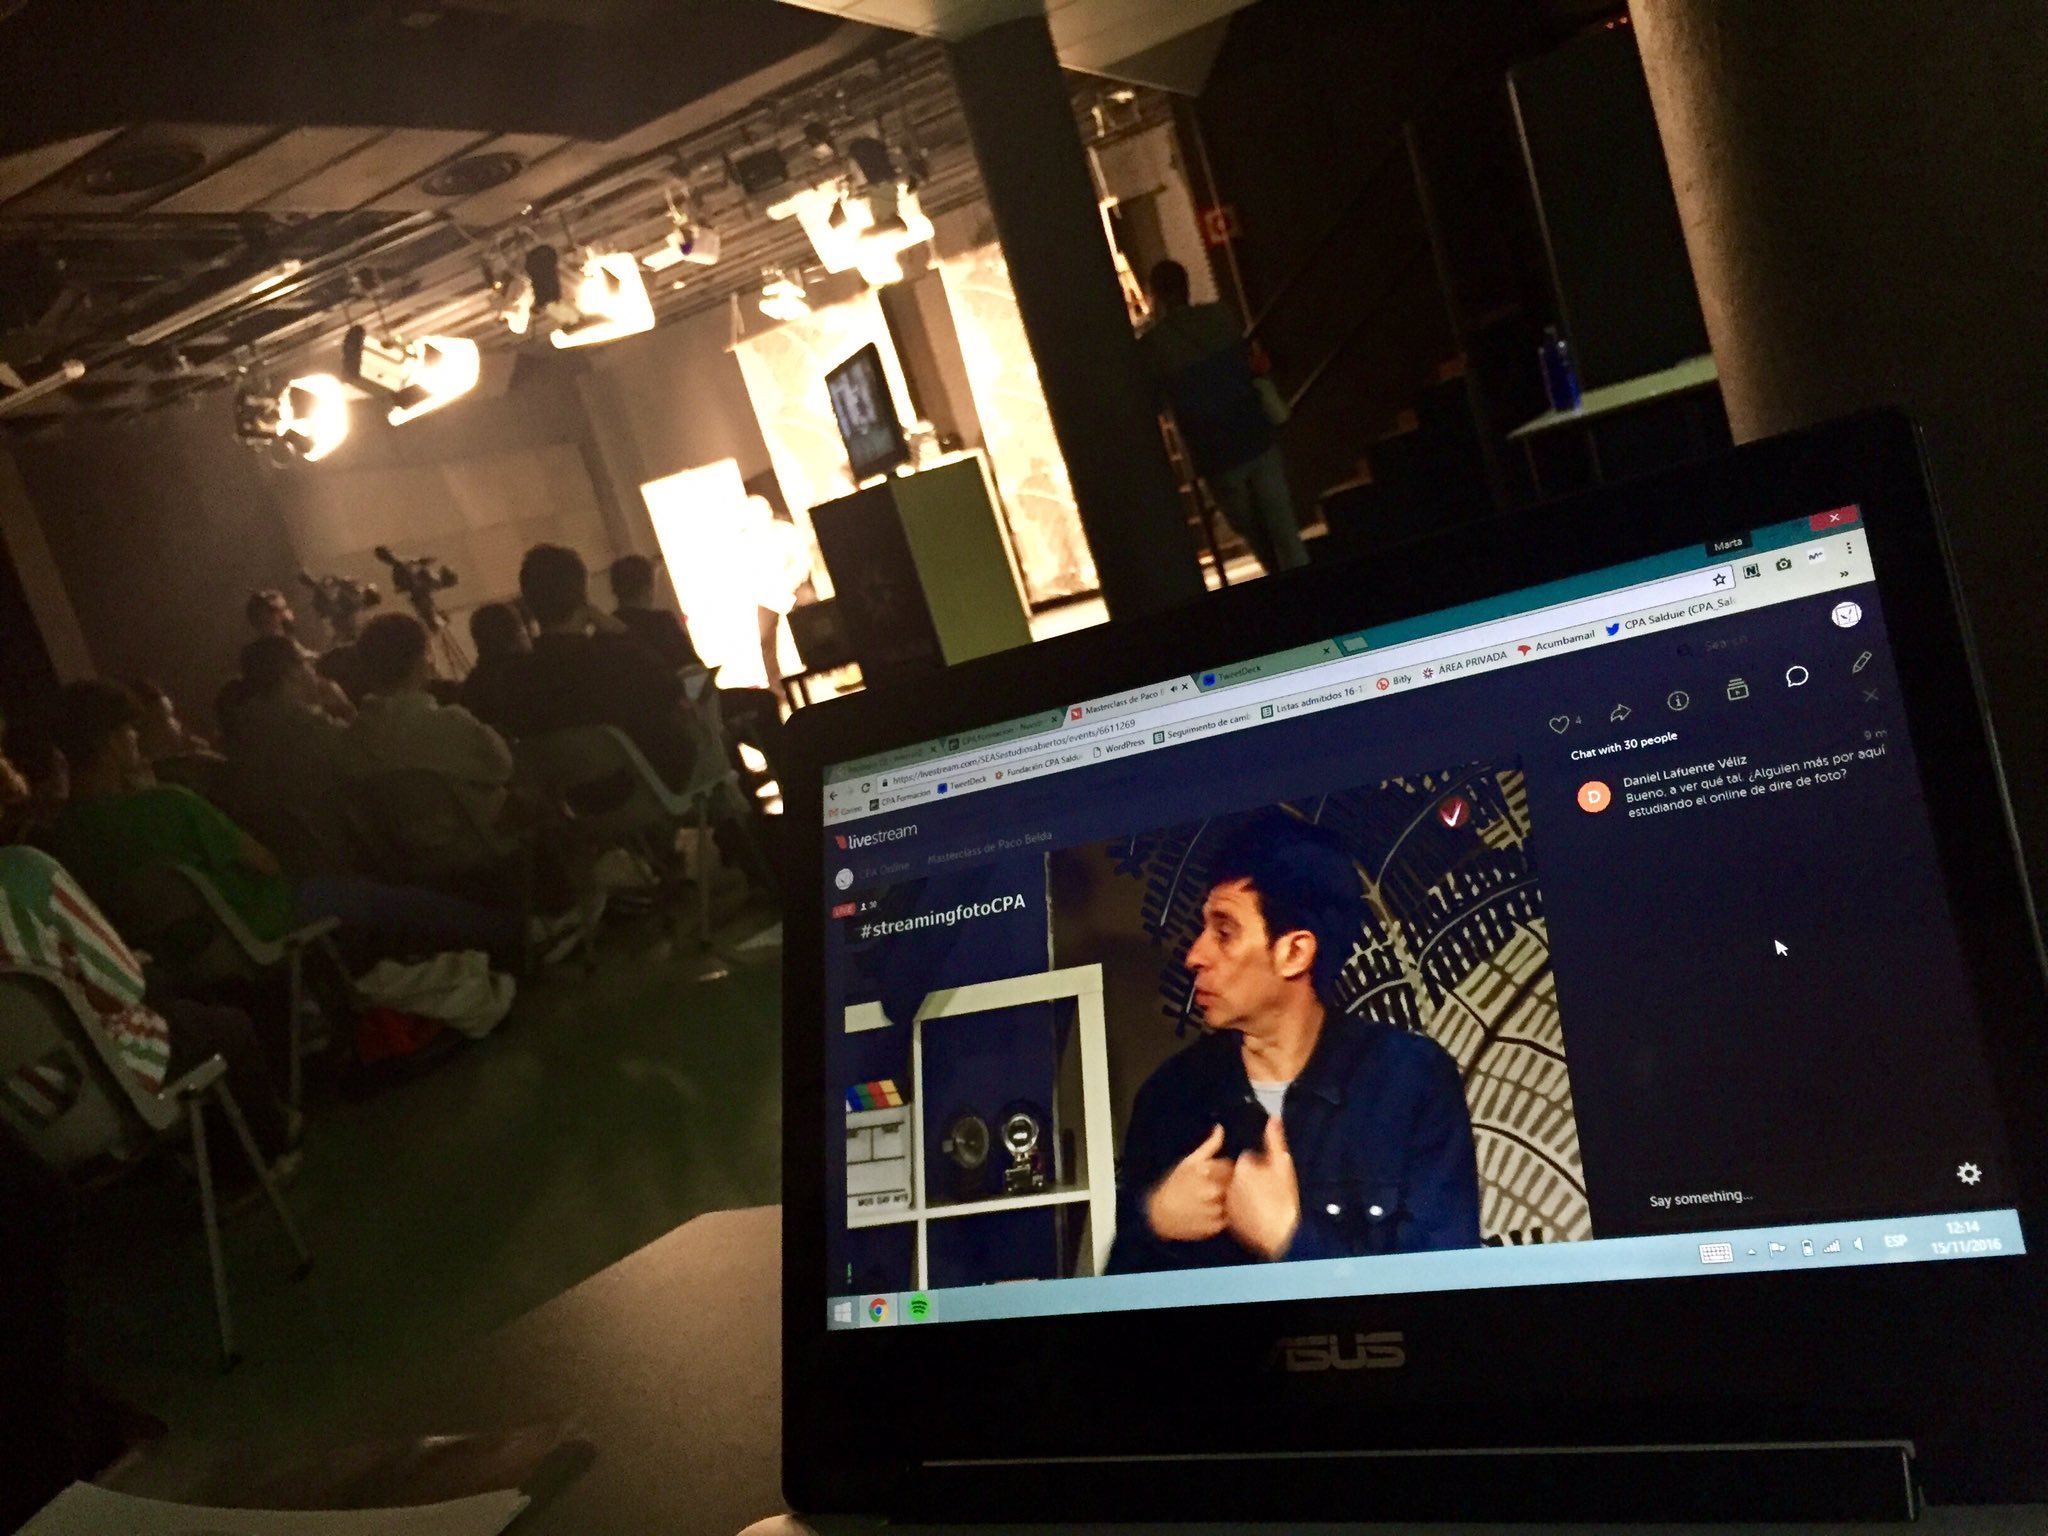 El ordenador desde el que hicieron el streaming (foto sacada del perfil de Twitter del CPA)